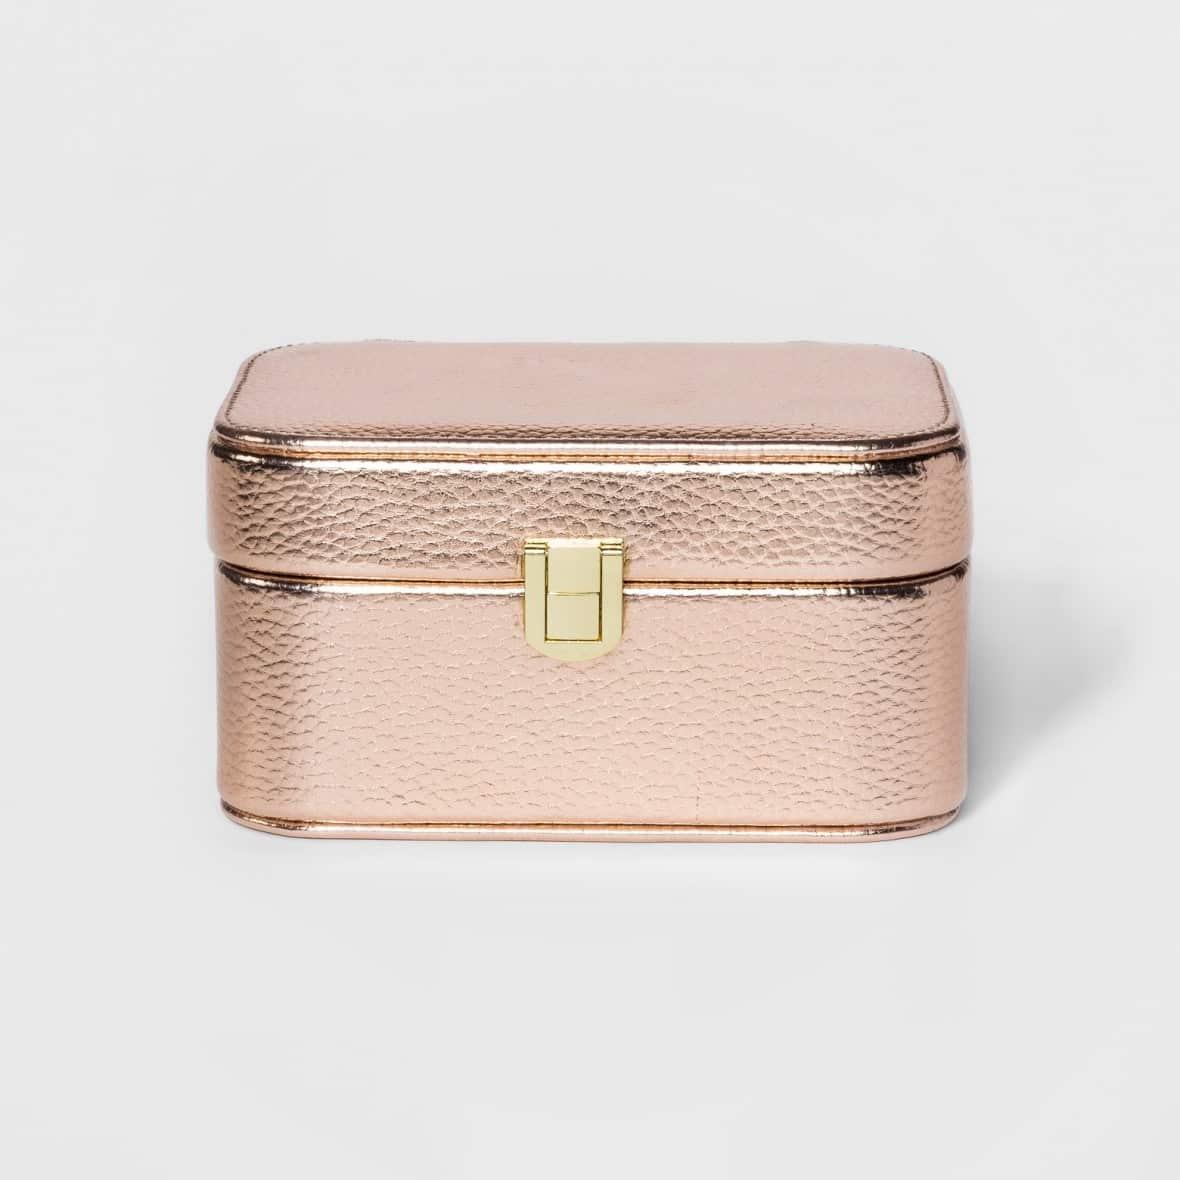 jewelry trinket box